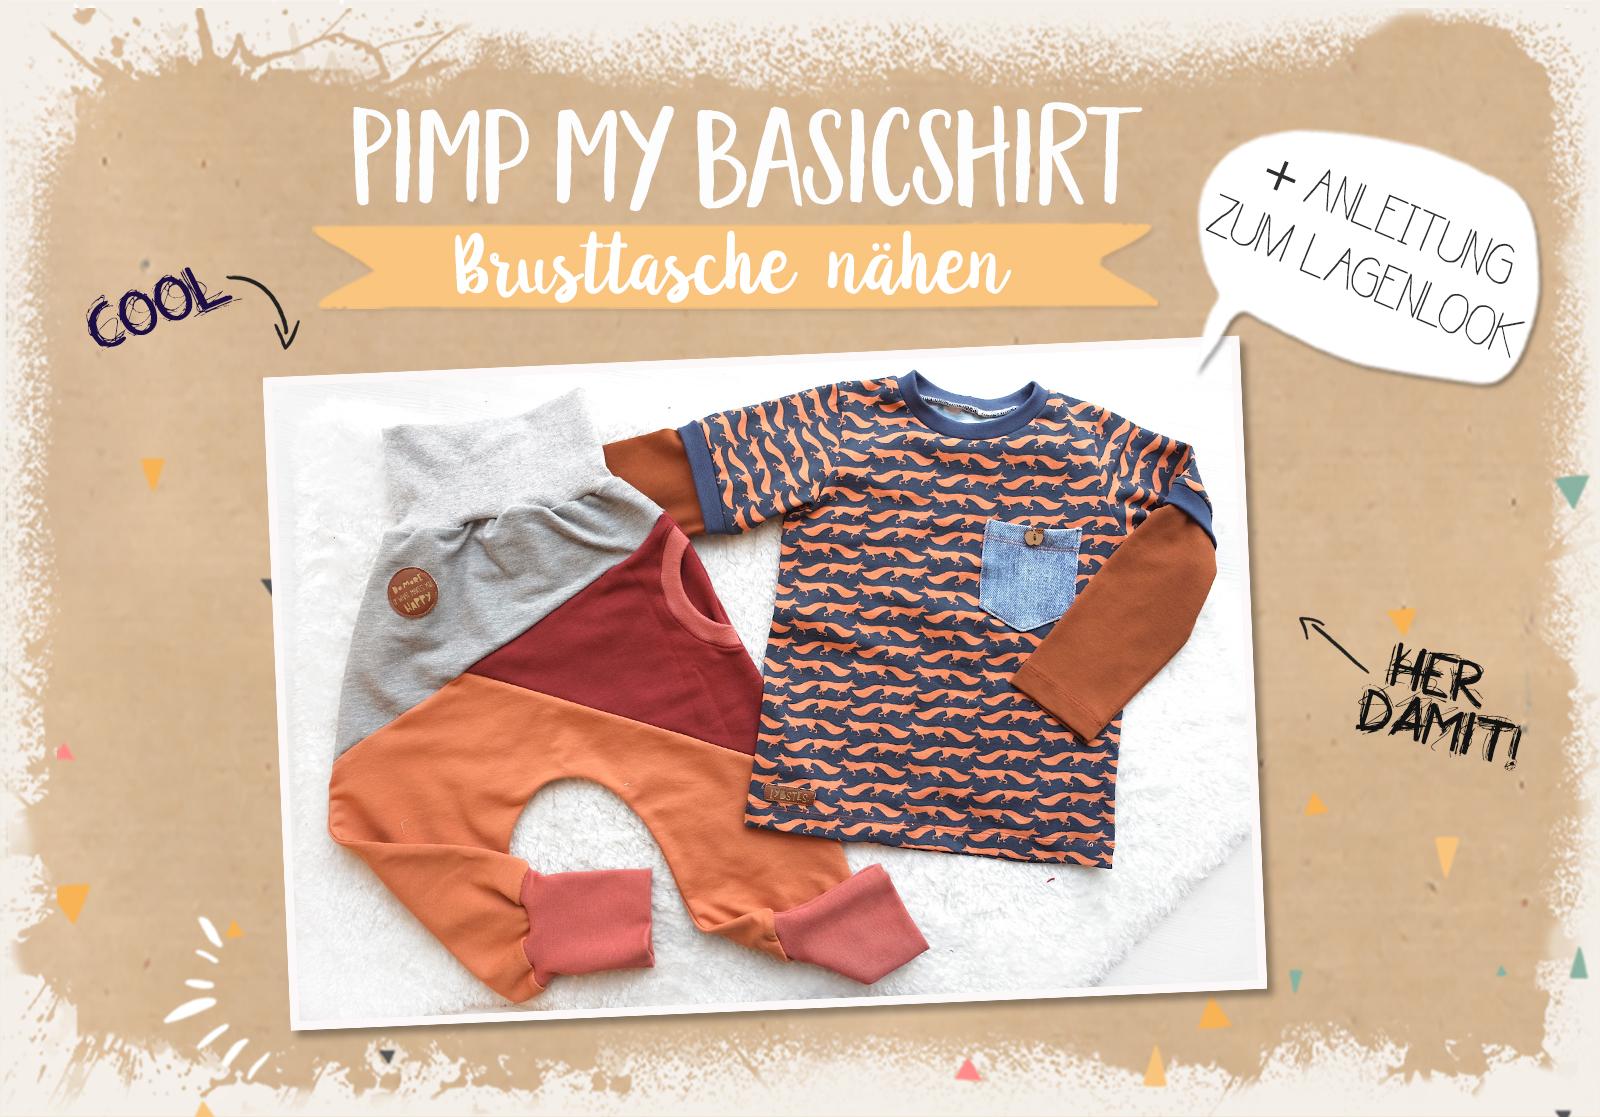 Pimp my Basicshirt 3/4: Brusttaschen nähen & Lagenlook